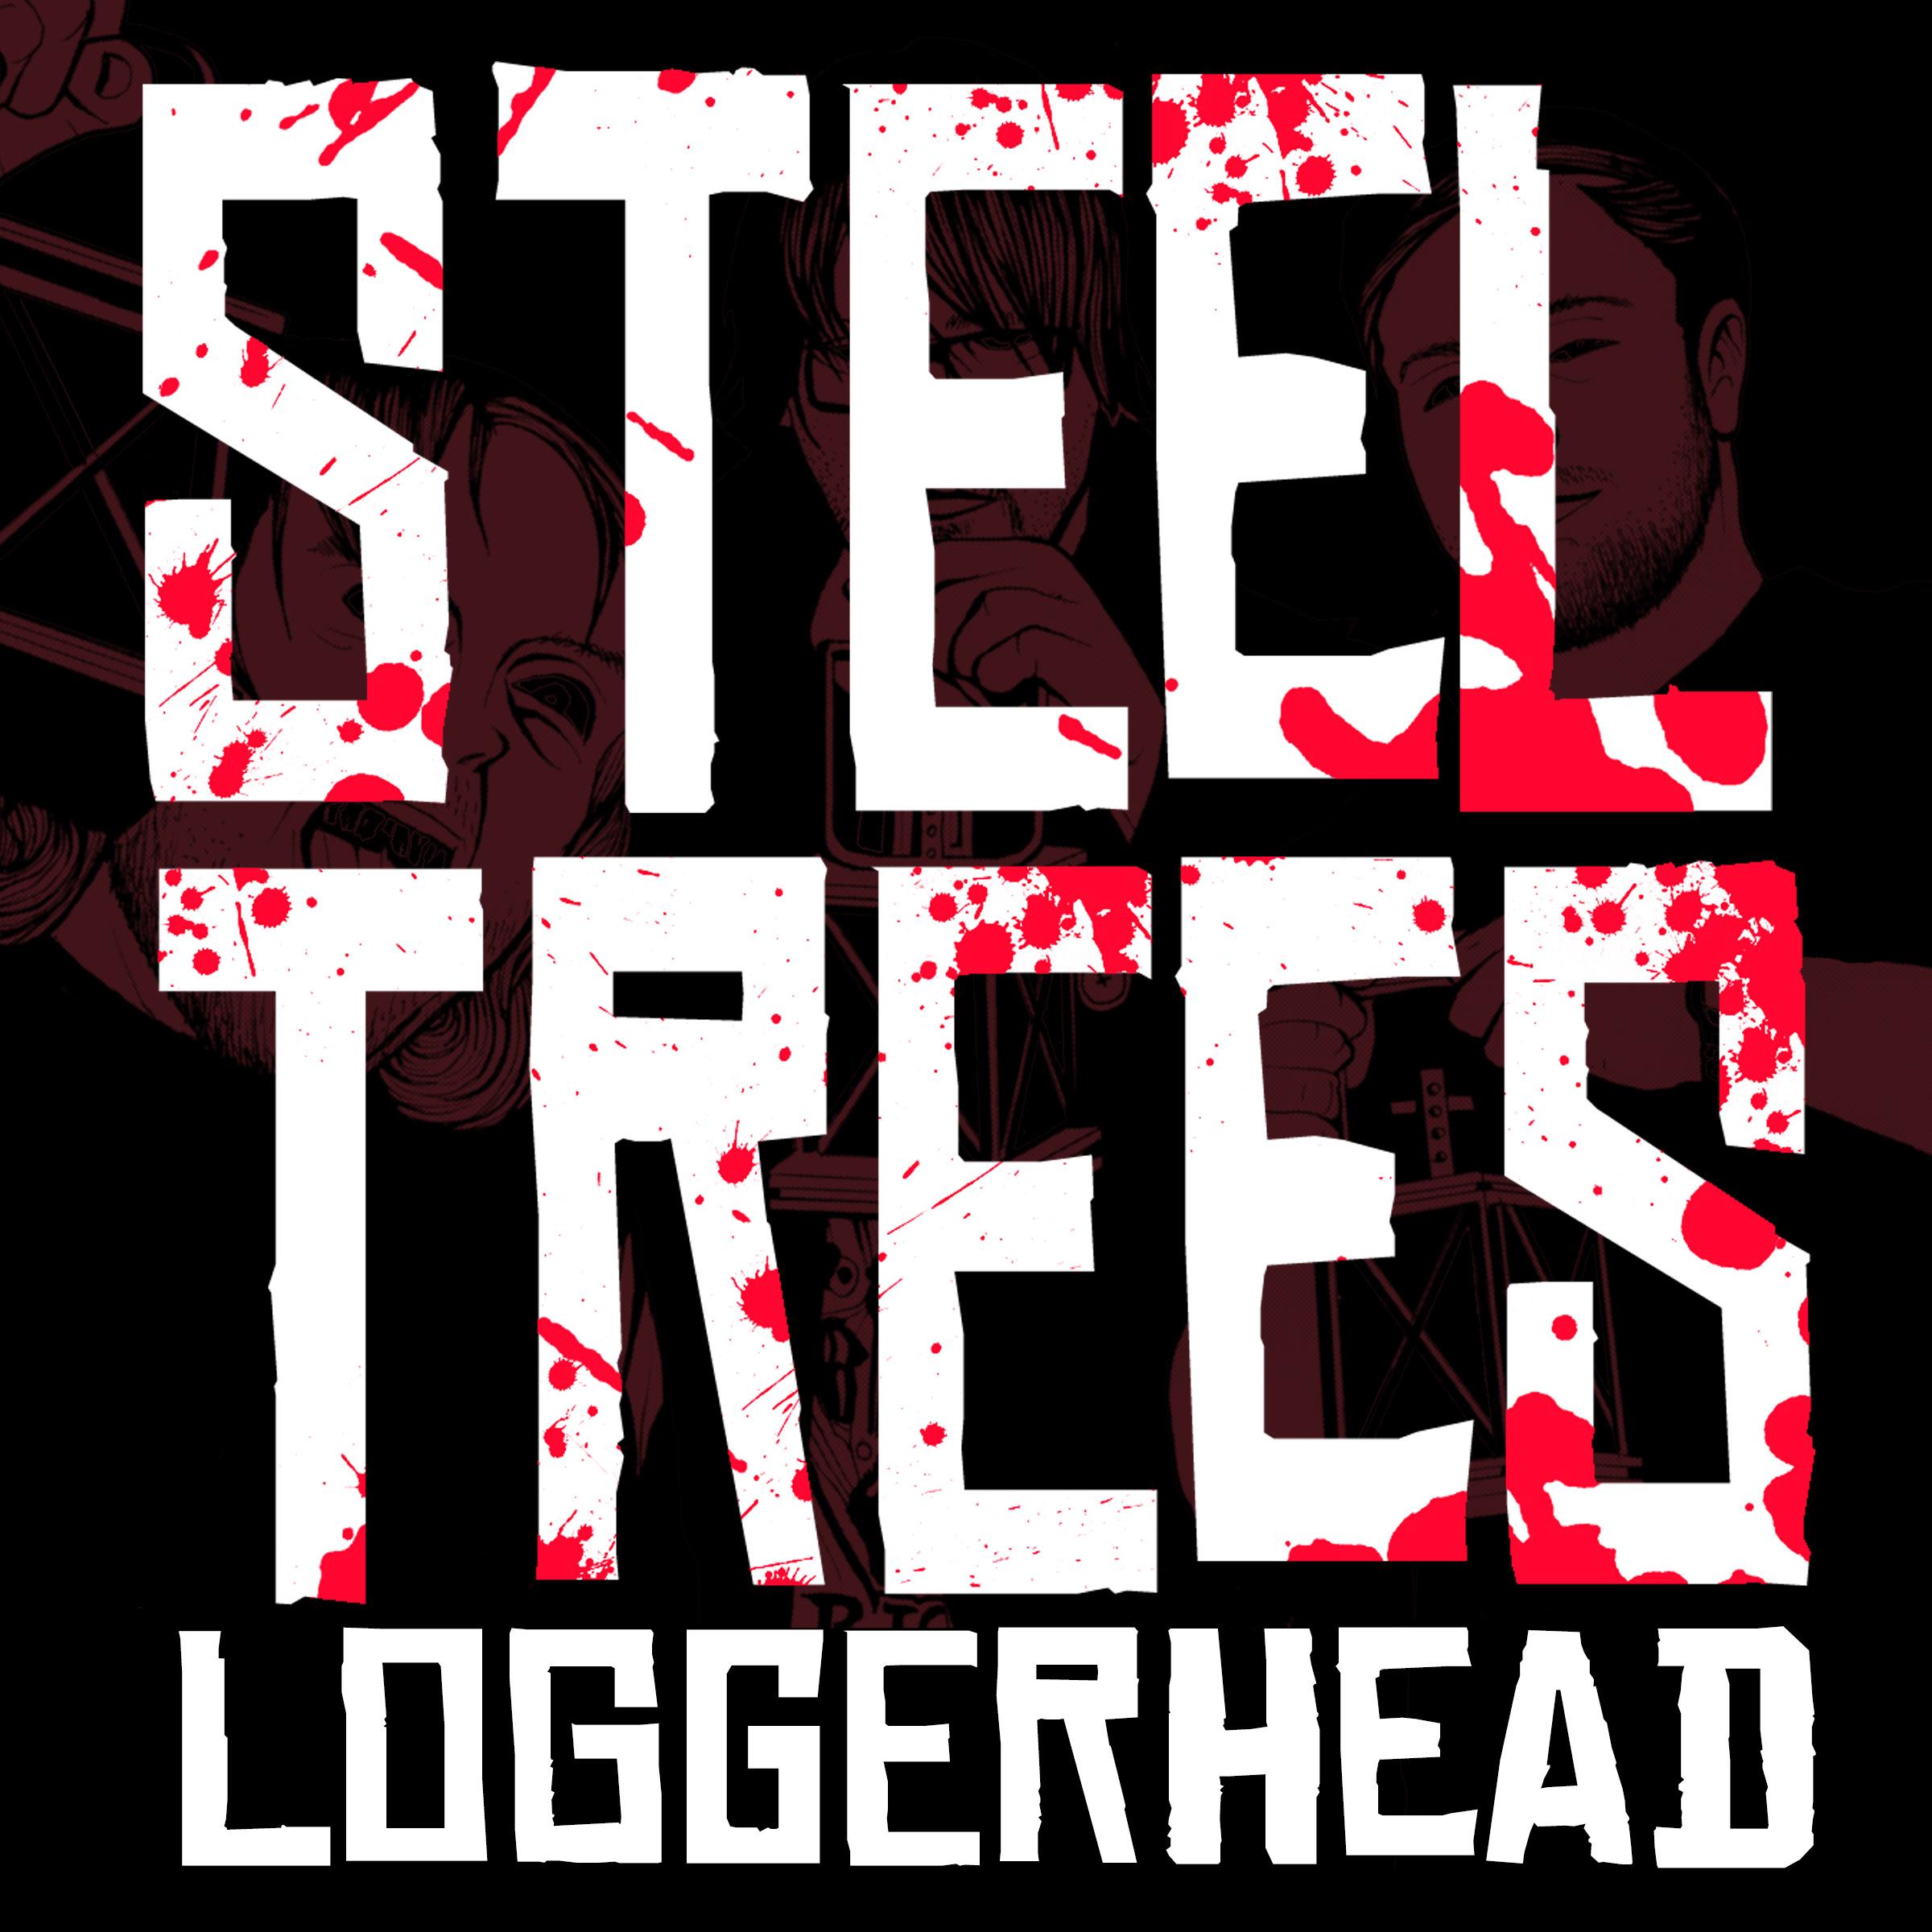 Steeltrees